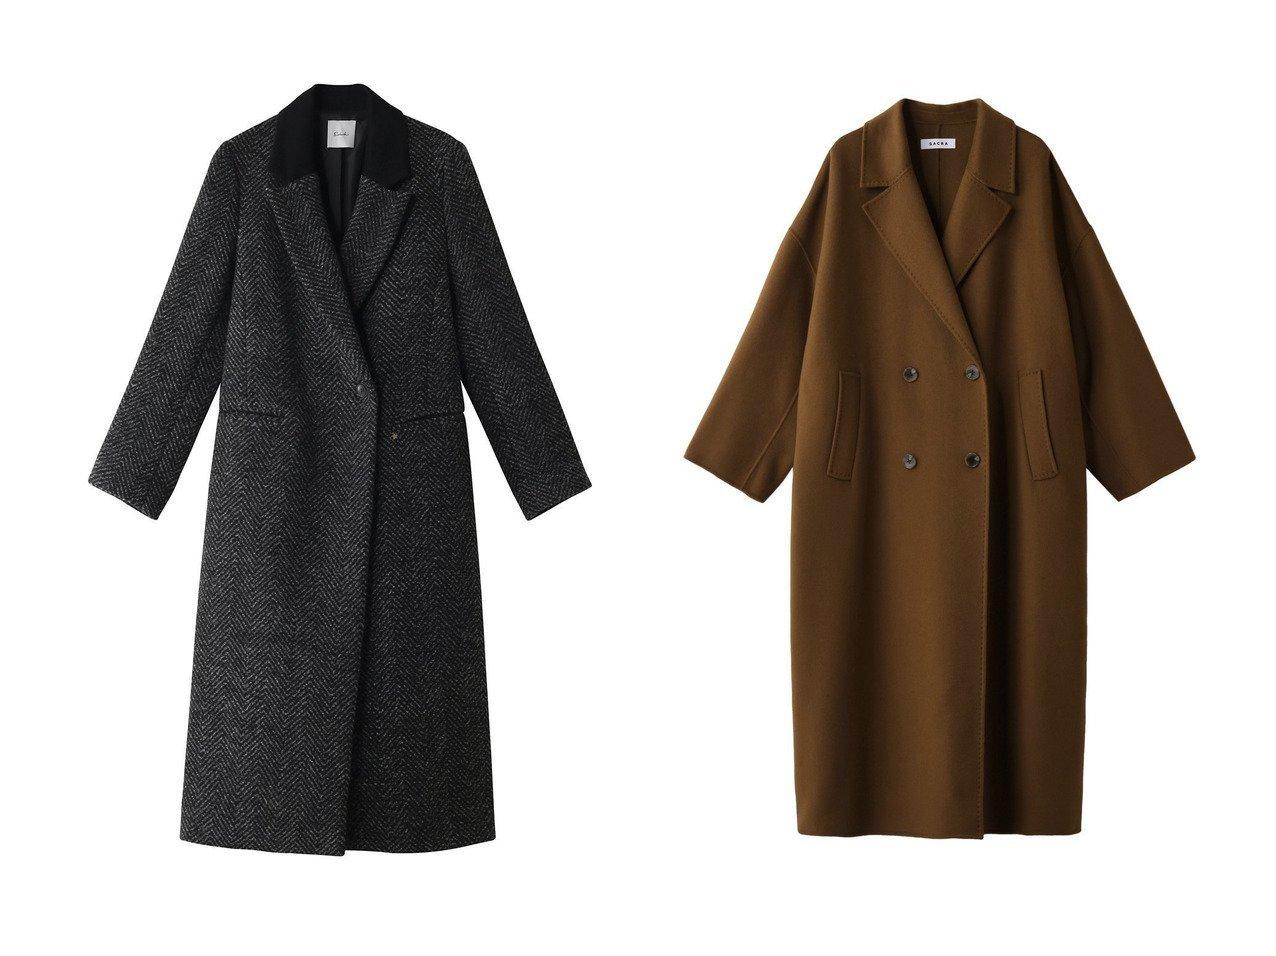 【SACRA/サクラ】のテーラリングロングコート&【Ezick/エジック】のツイードWチェスターコート アウターのおすすめ!人気、レディースファッションの通販  おすすめで人気のファッション通販商品 インテリア・家具・キッズファッション・メンズファッション・レディースファッション・服の通販 founy(ファニー) https://founy.com/ ファッション Fashion レディース WOMEN アウター Coat Outerwear コート Coats チェスターコート Top Coat オケージョン クラシカル チェスターコート ツイード ポケット ロング 無地 シンプル  ID:crp329100000000121